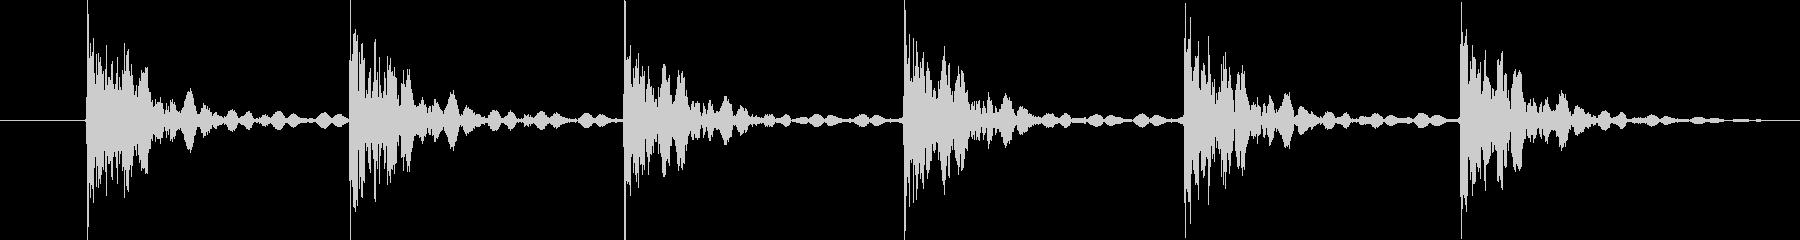 大きなウィンドウペイン:ガタガタ音...の未再生の波形